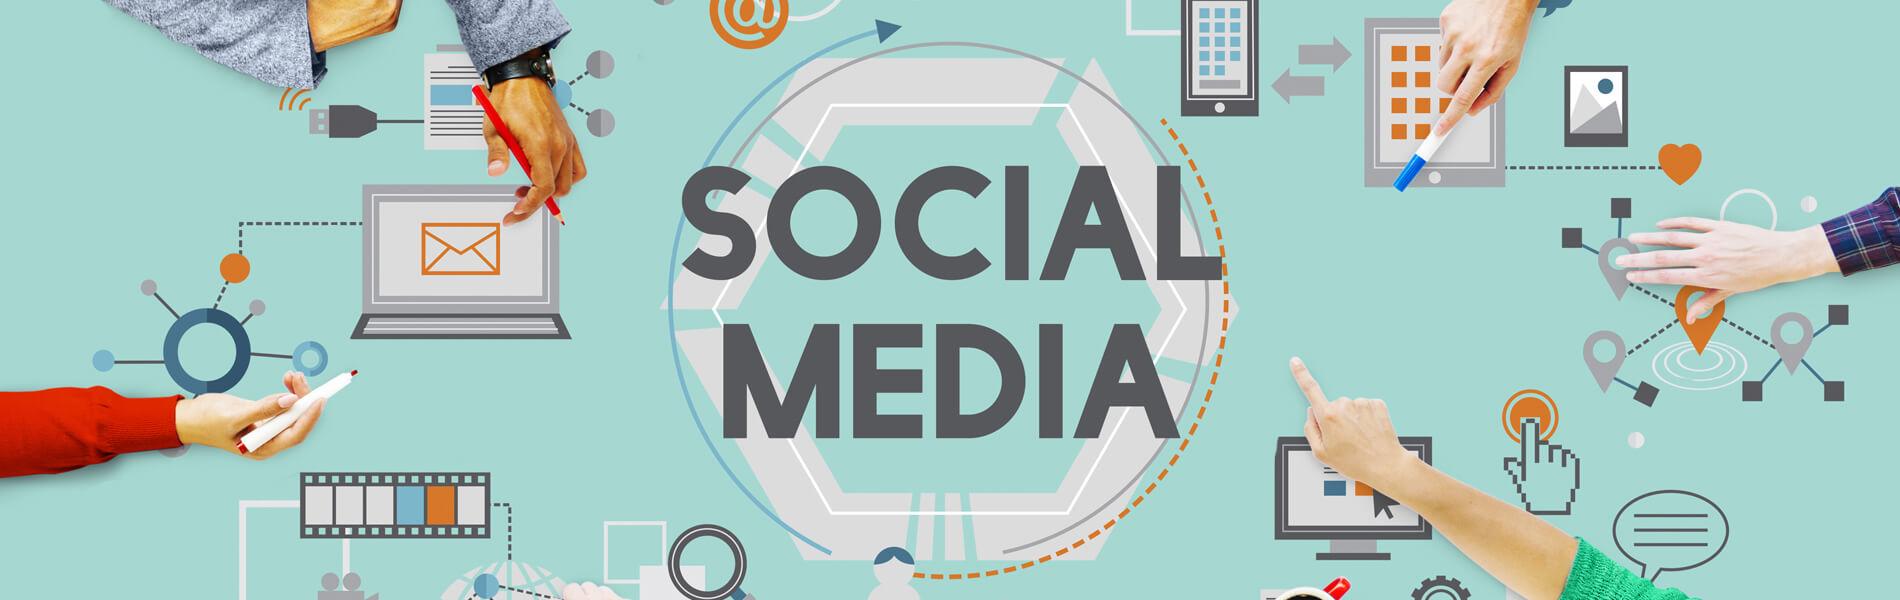 Umfrage zu Social Media in Unternehmen: Wie profitieren Unternehmen von Sozialen Netzwerken?